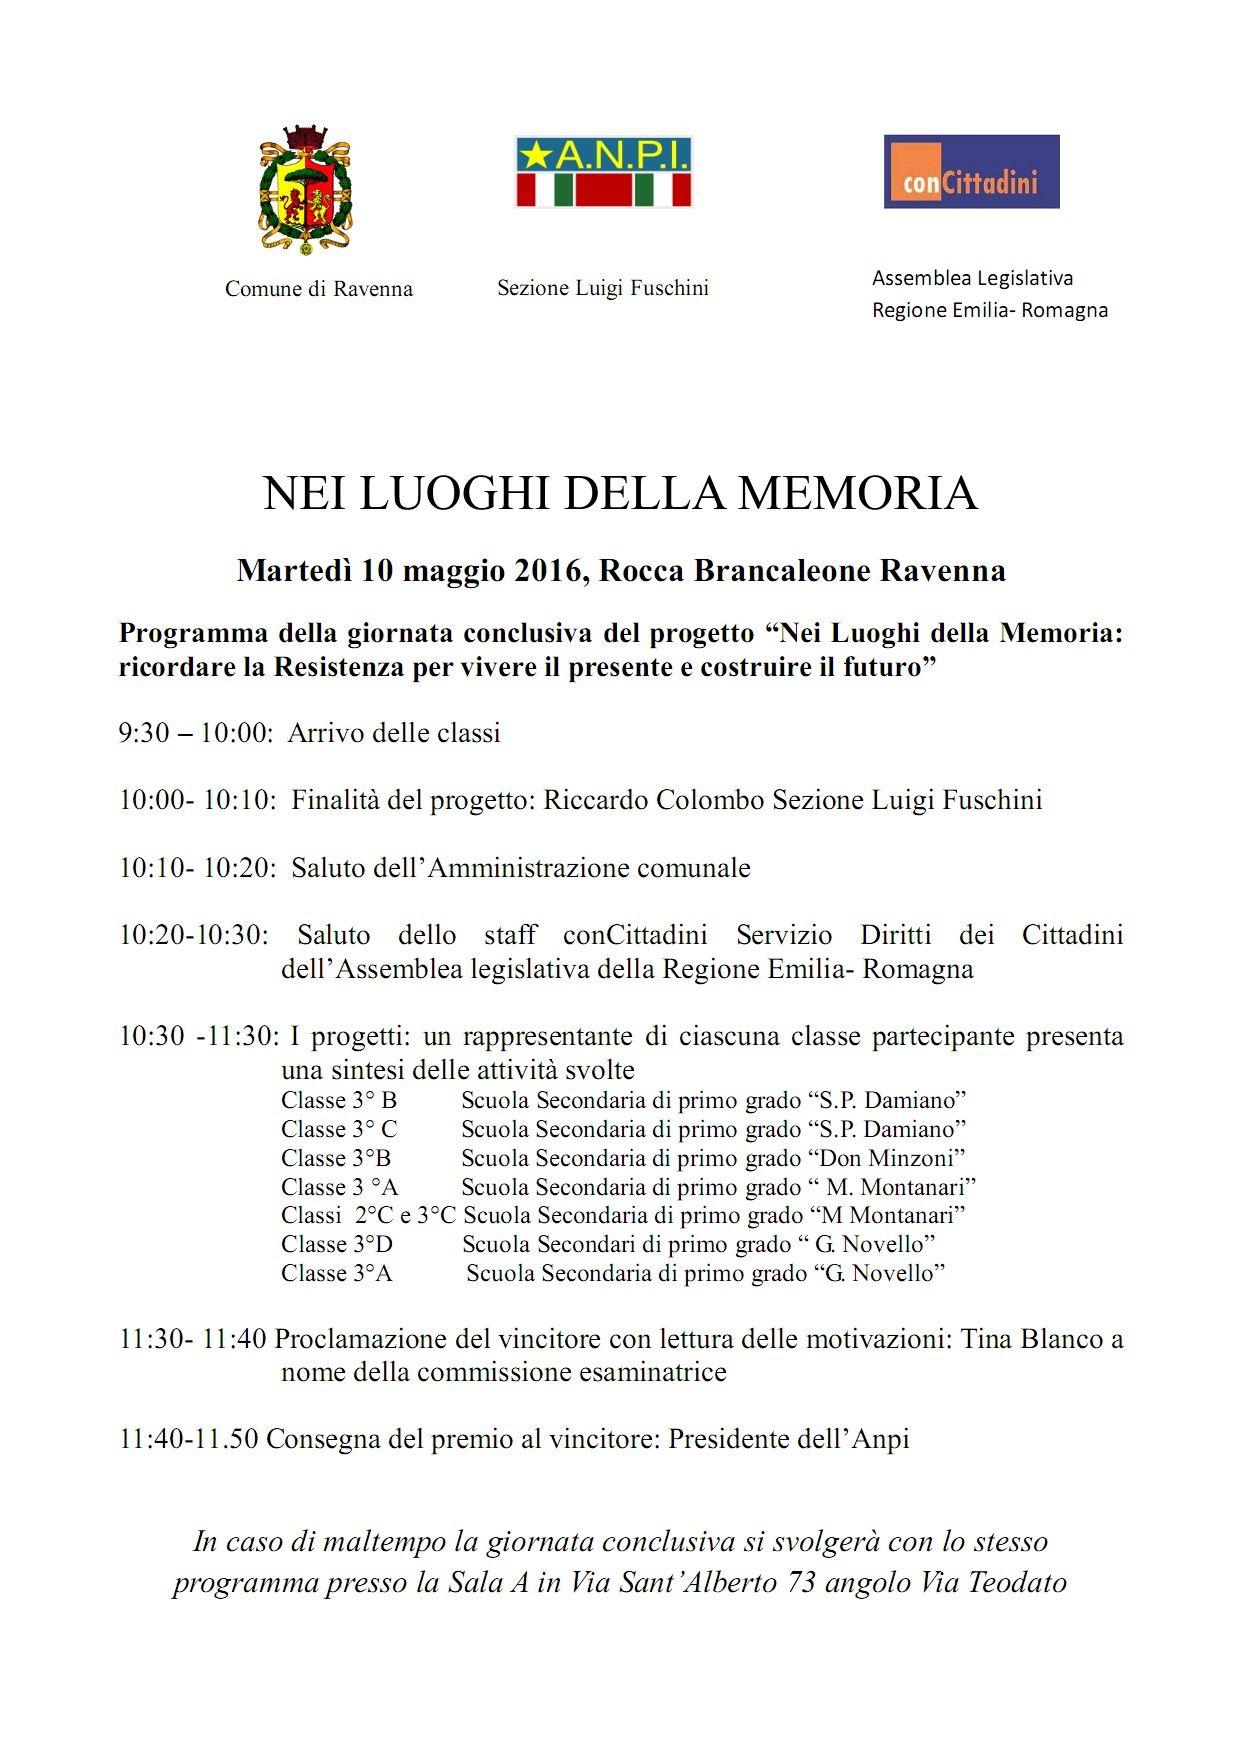 NeiLuoghiMemoria_10-5-2016